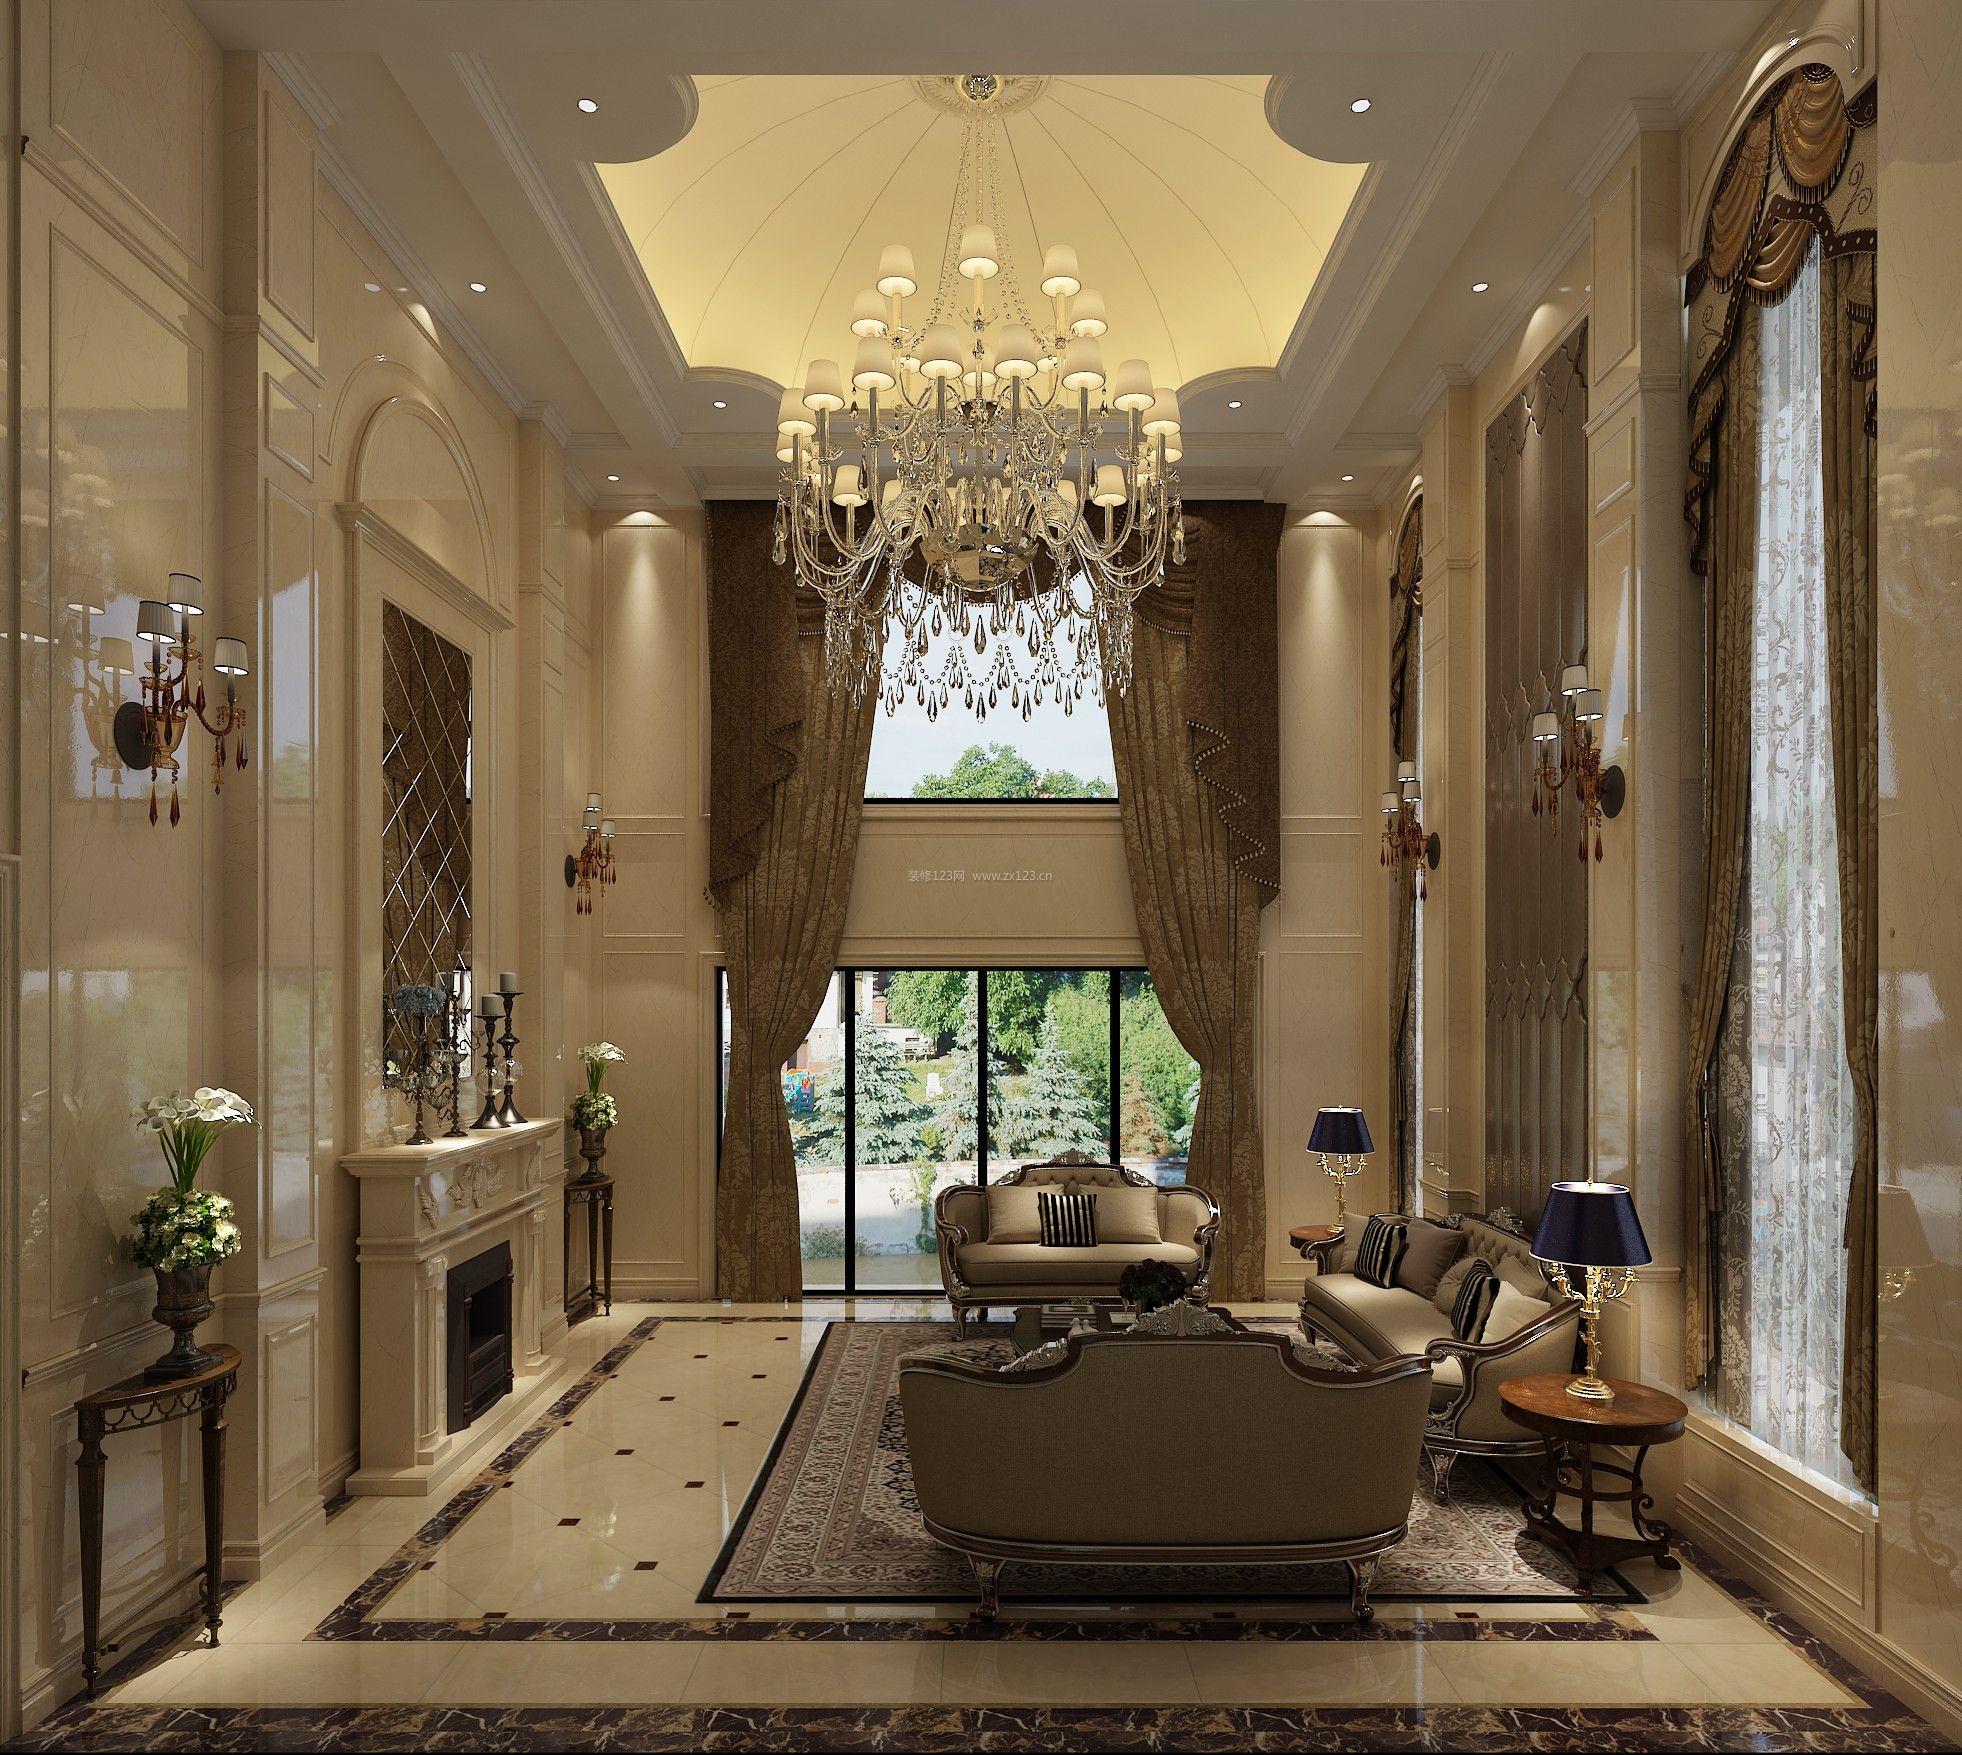 欧式别墅客厅吊灯装修效果图图片